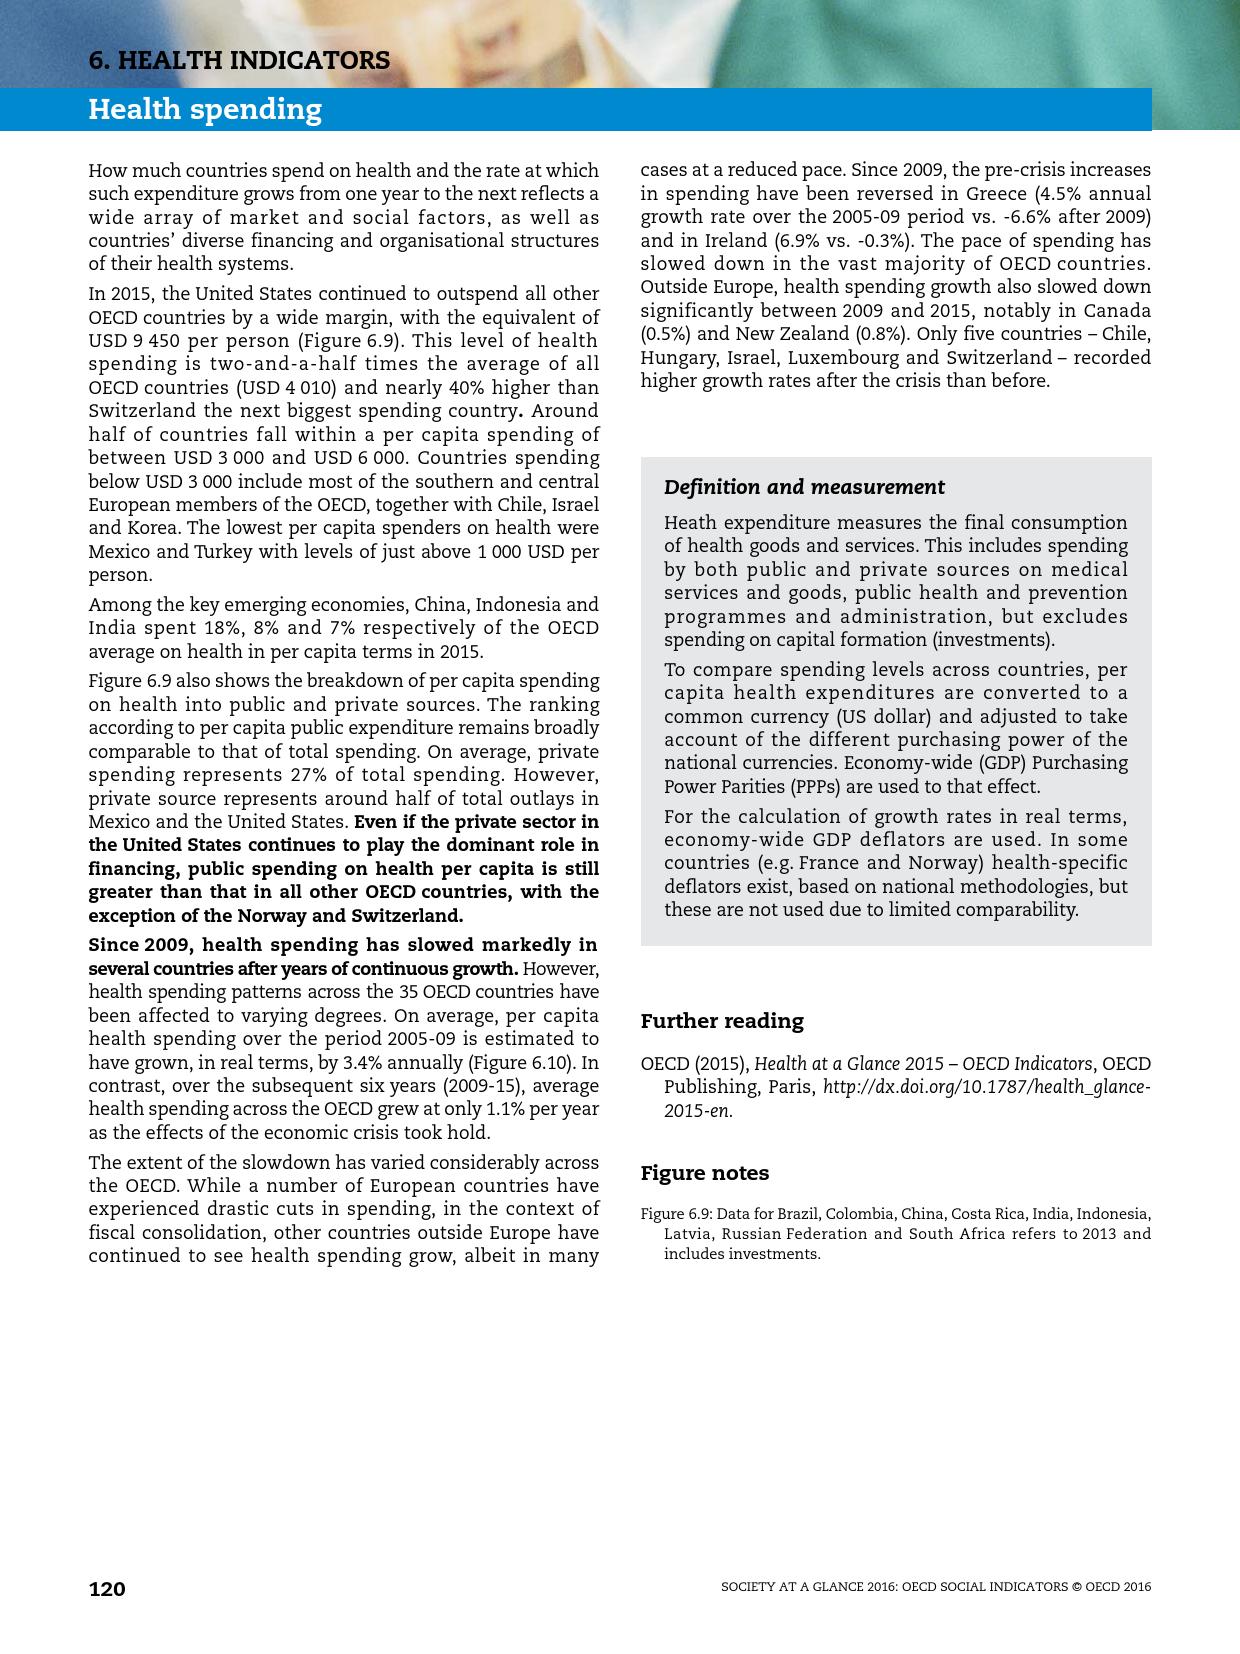 2016年OECD国家社会概览报告_000122